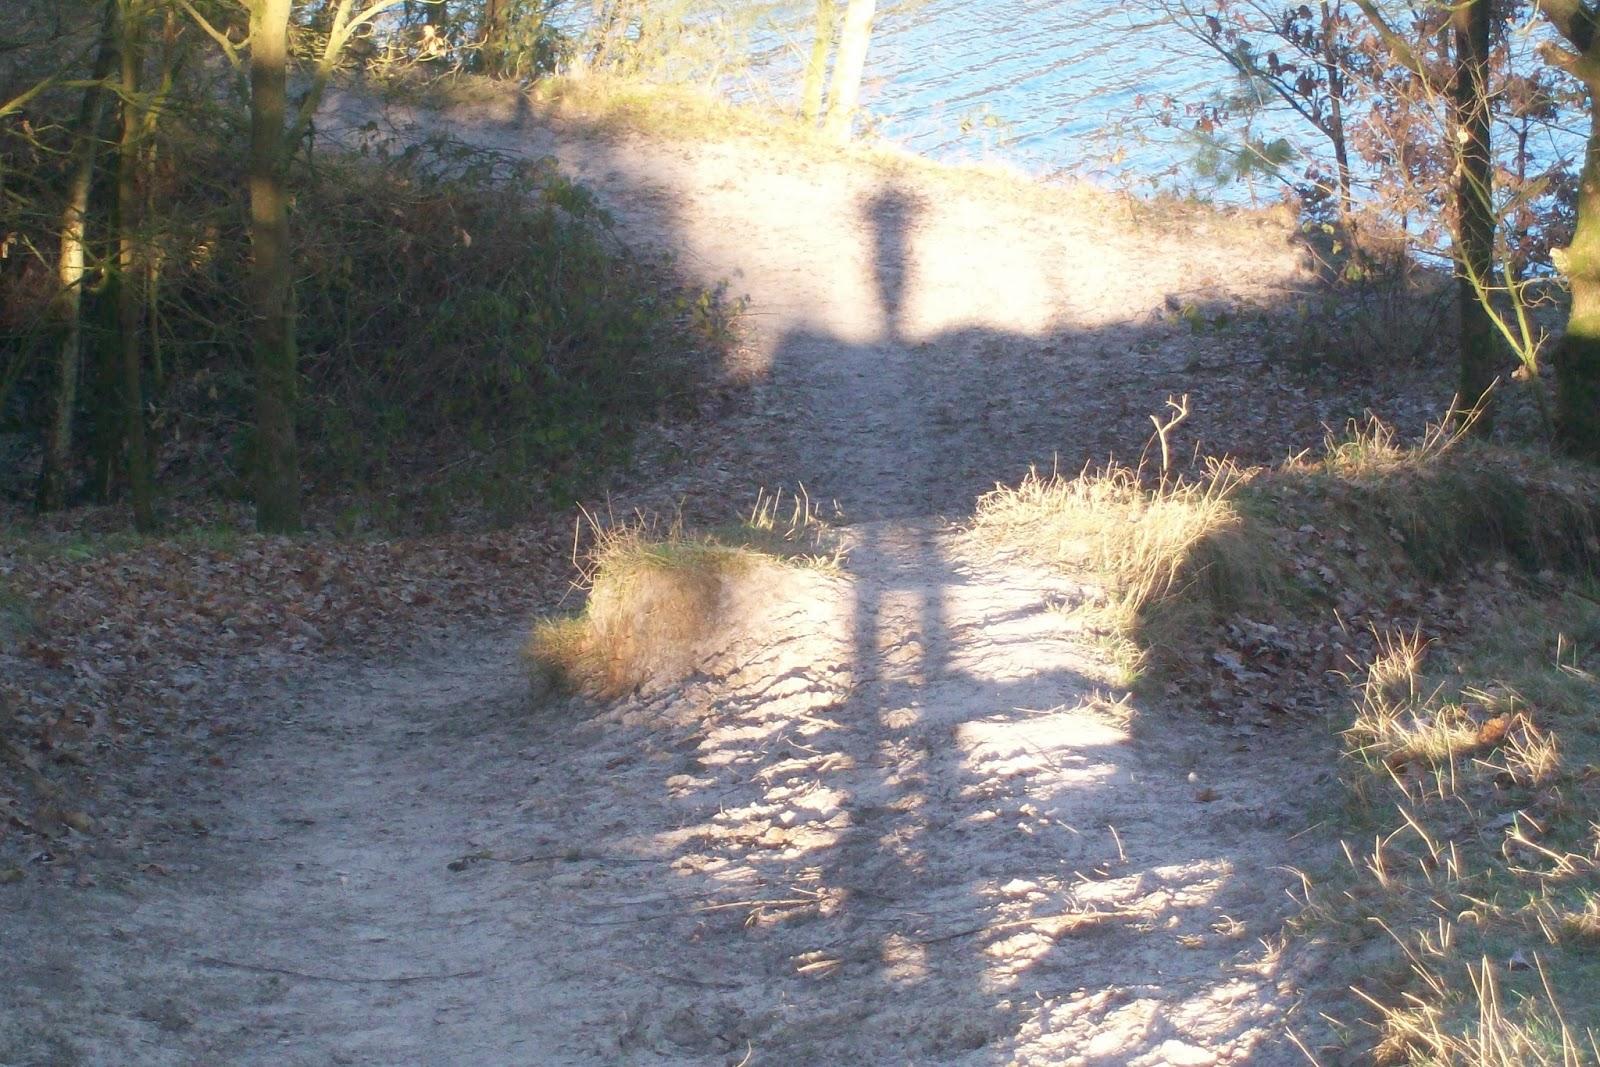 Schatten in der morgendlichen Sonne